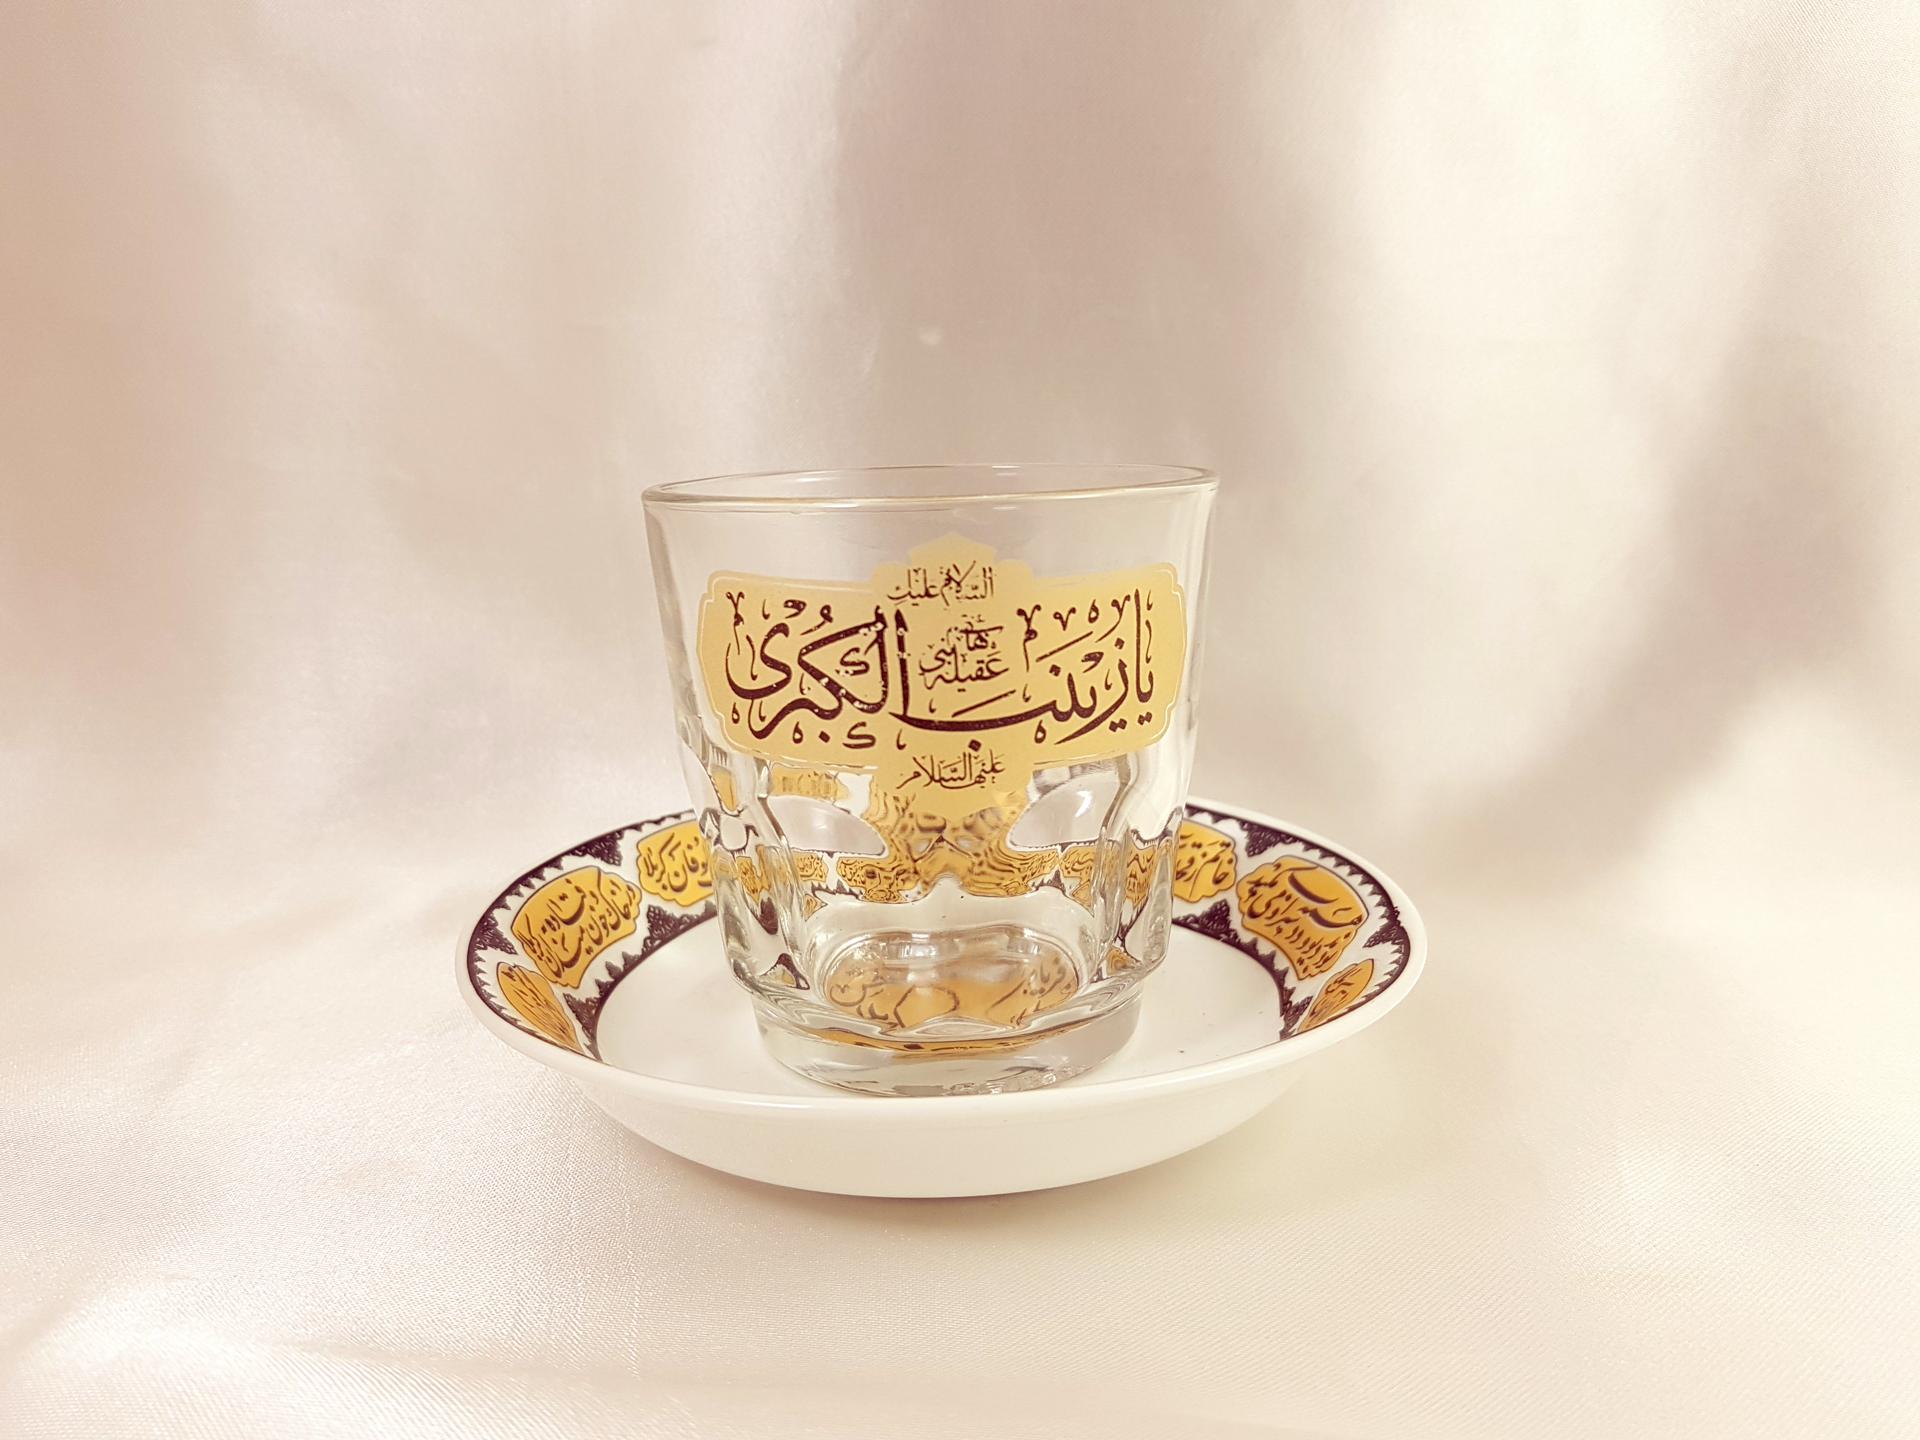 تصویر از استکان و نعلبکی نیم لیوان هیئت یا زینب الکبری(س)